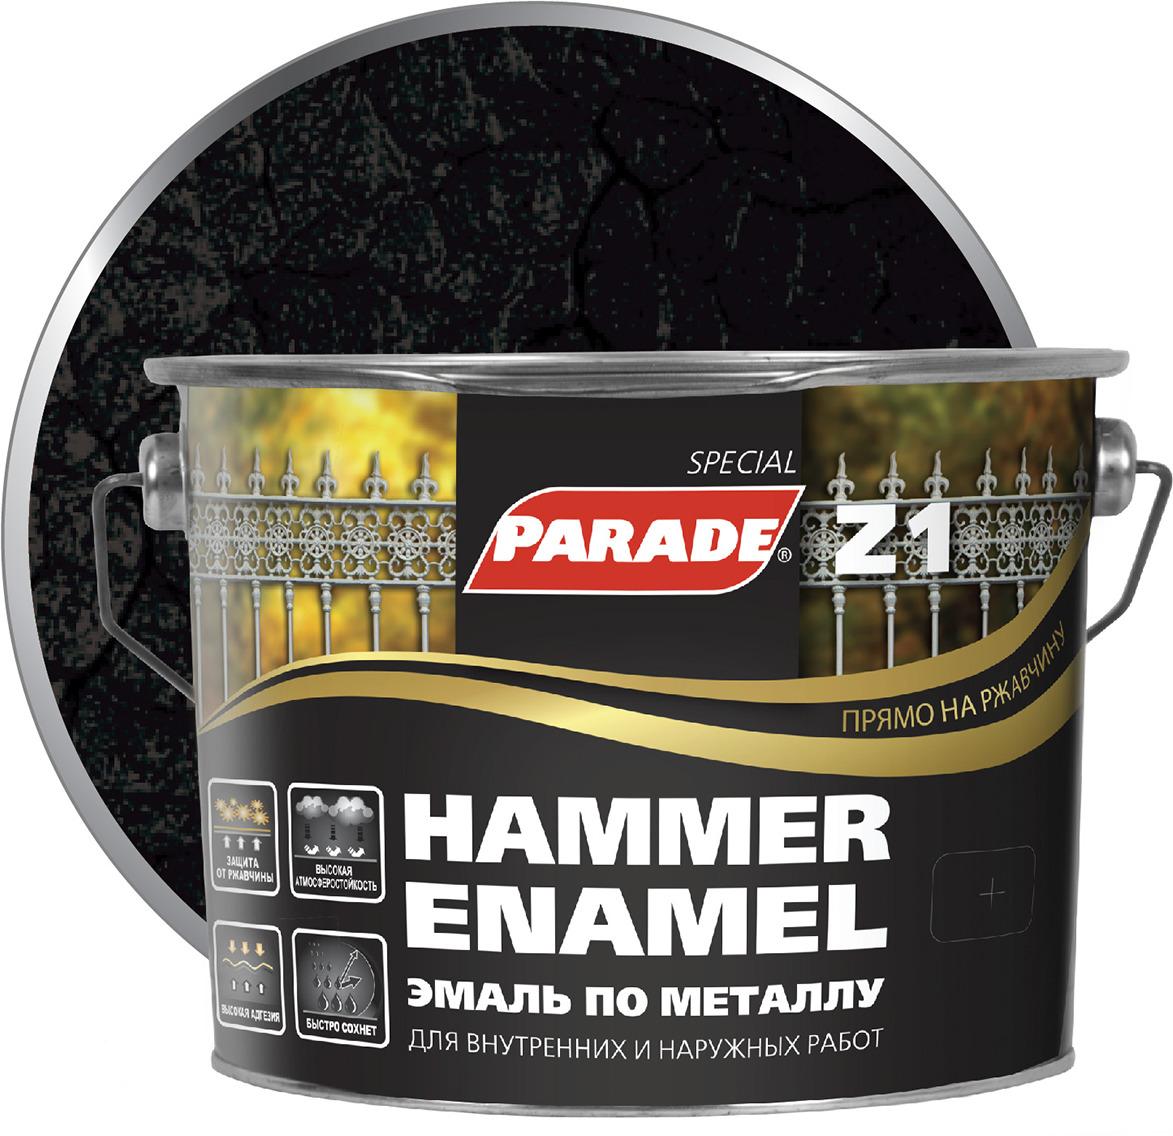 Фото - Эмаль по металлу Parade Z1, молотковая, 543-504 черный, 2,5 л финишный гвоздь swfs свфс din1152 1 8х40 25кг тов 041025